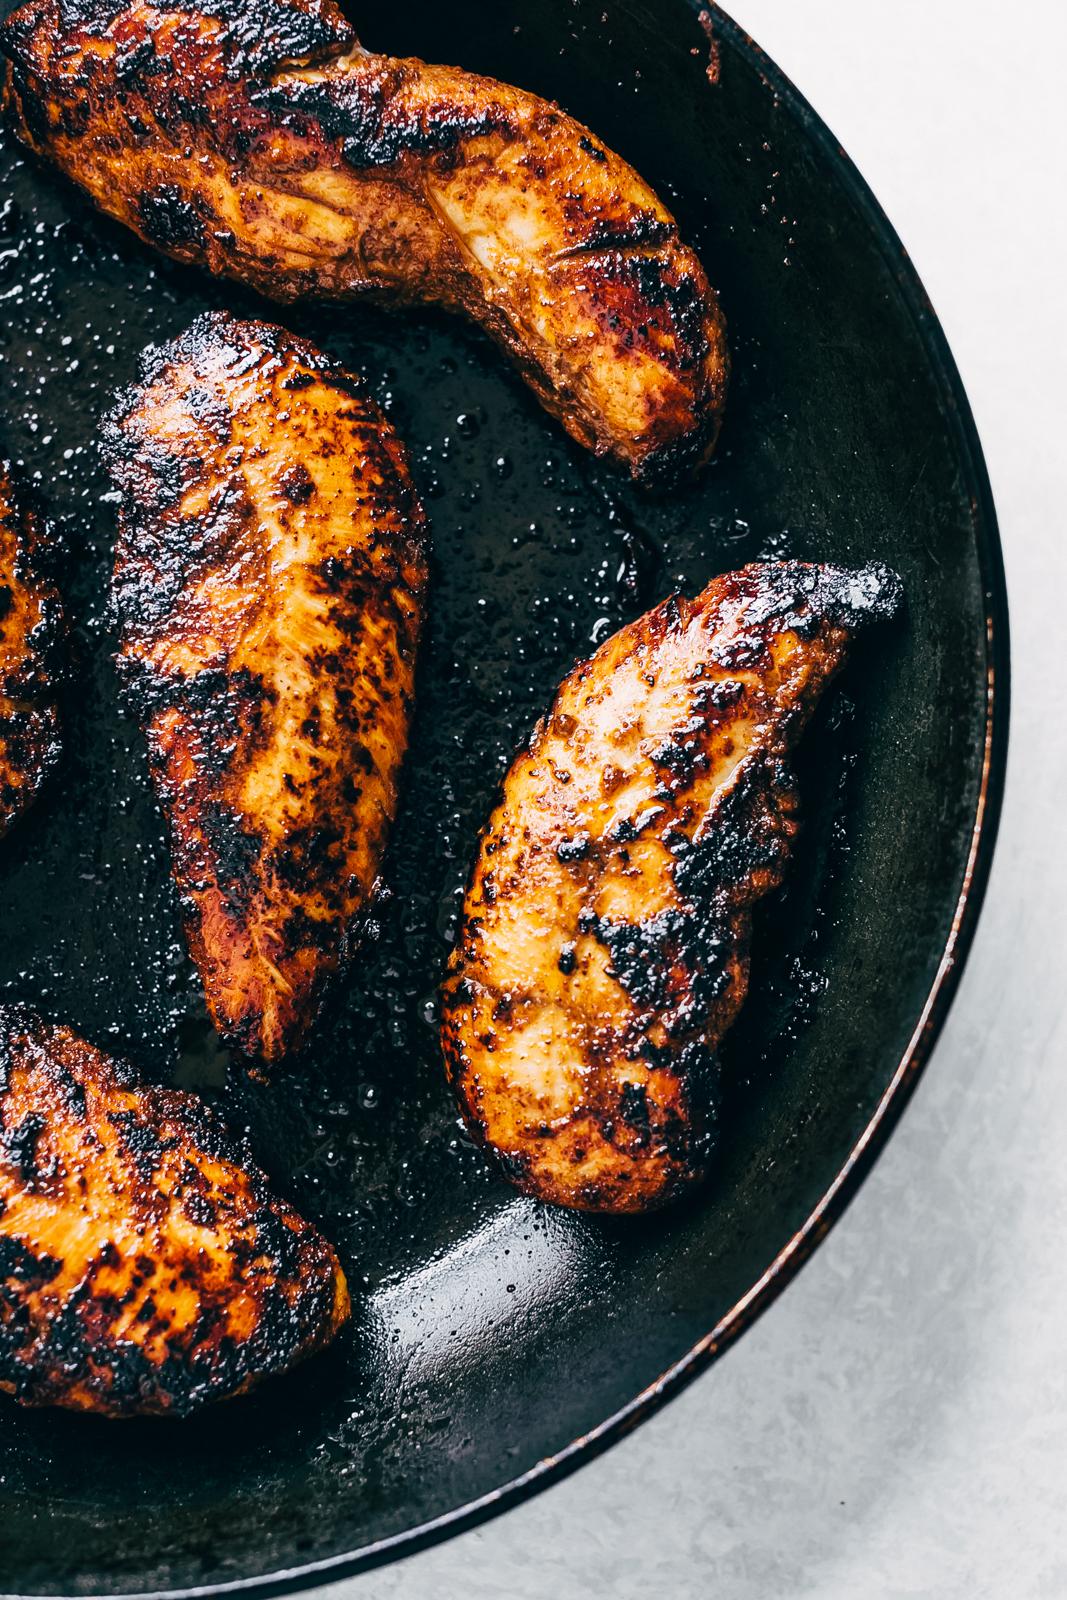 seared chicken tenders in black skillet